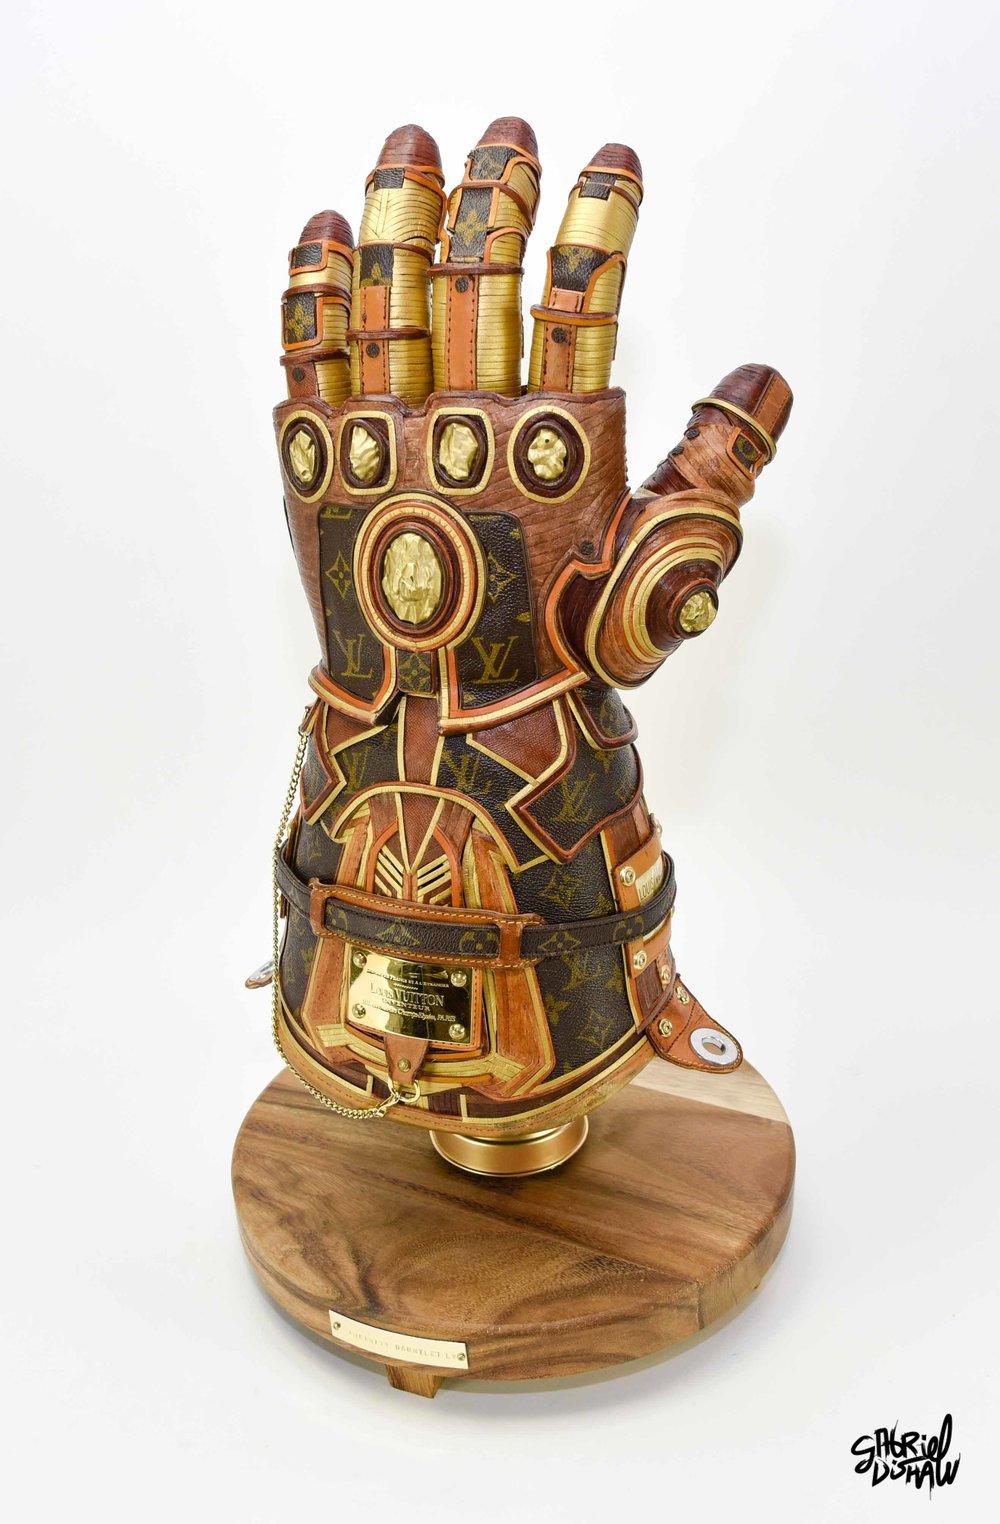 Gabriel Dishaw Infinity Gauntlet LV-9133.jpg